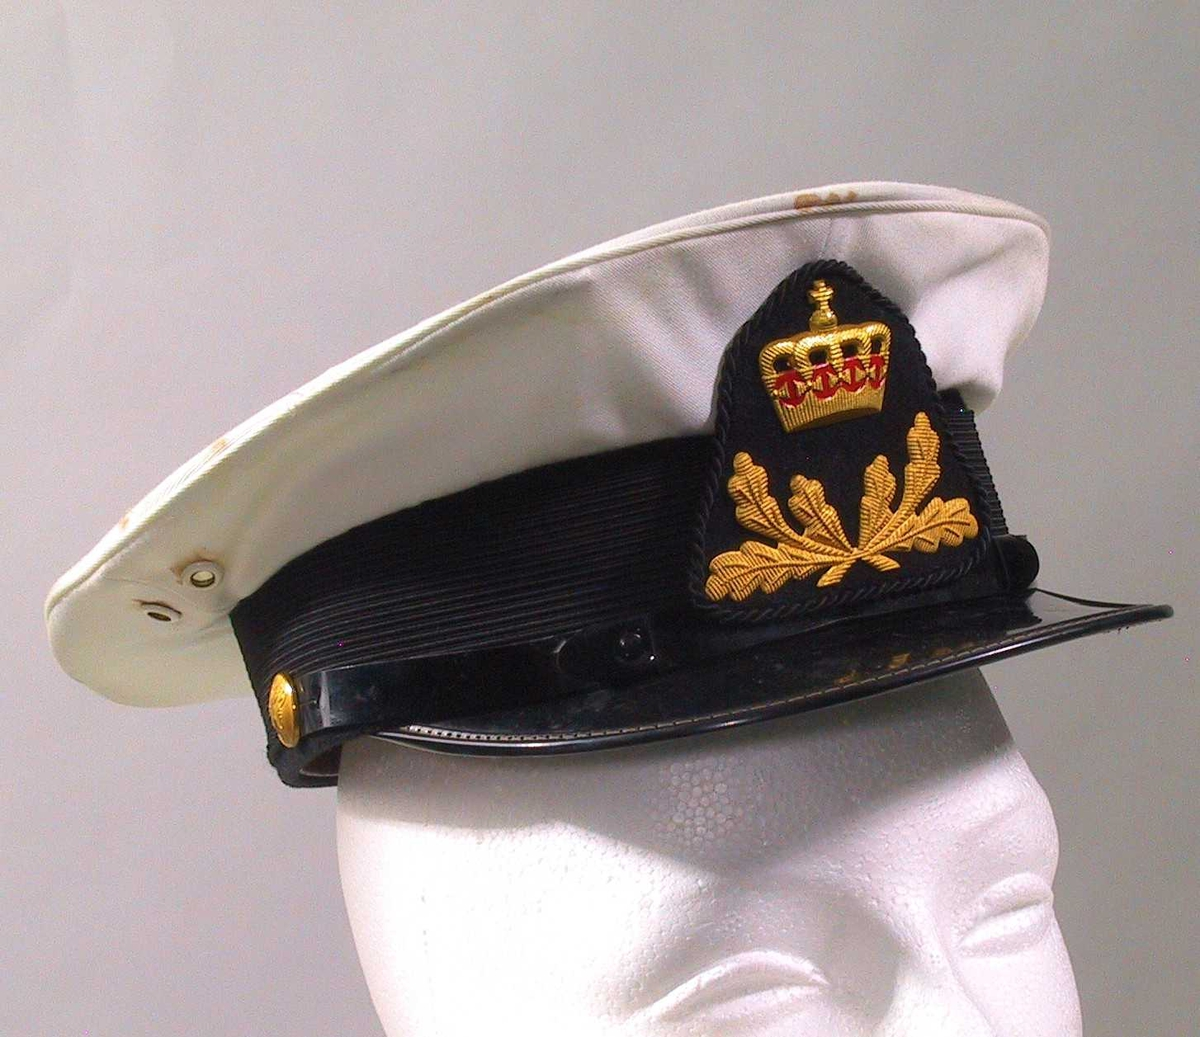 Luemerke i metall formet som en krone, med stiliserte greiner under.